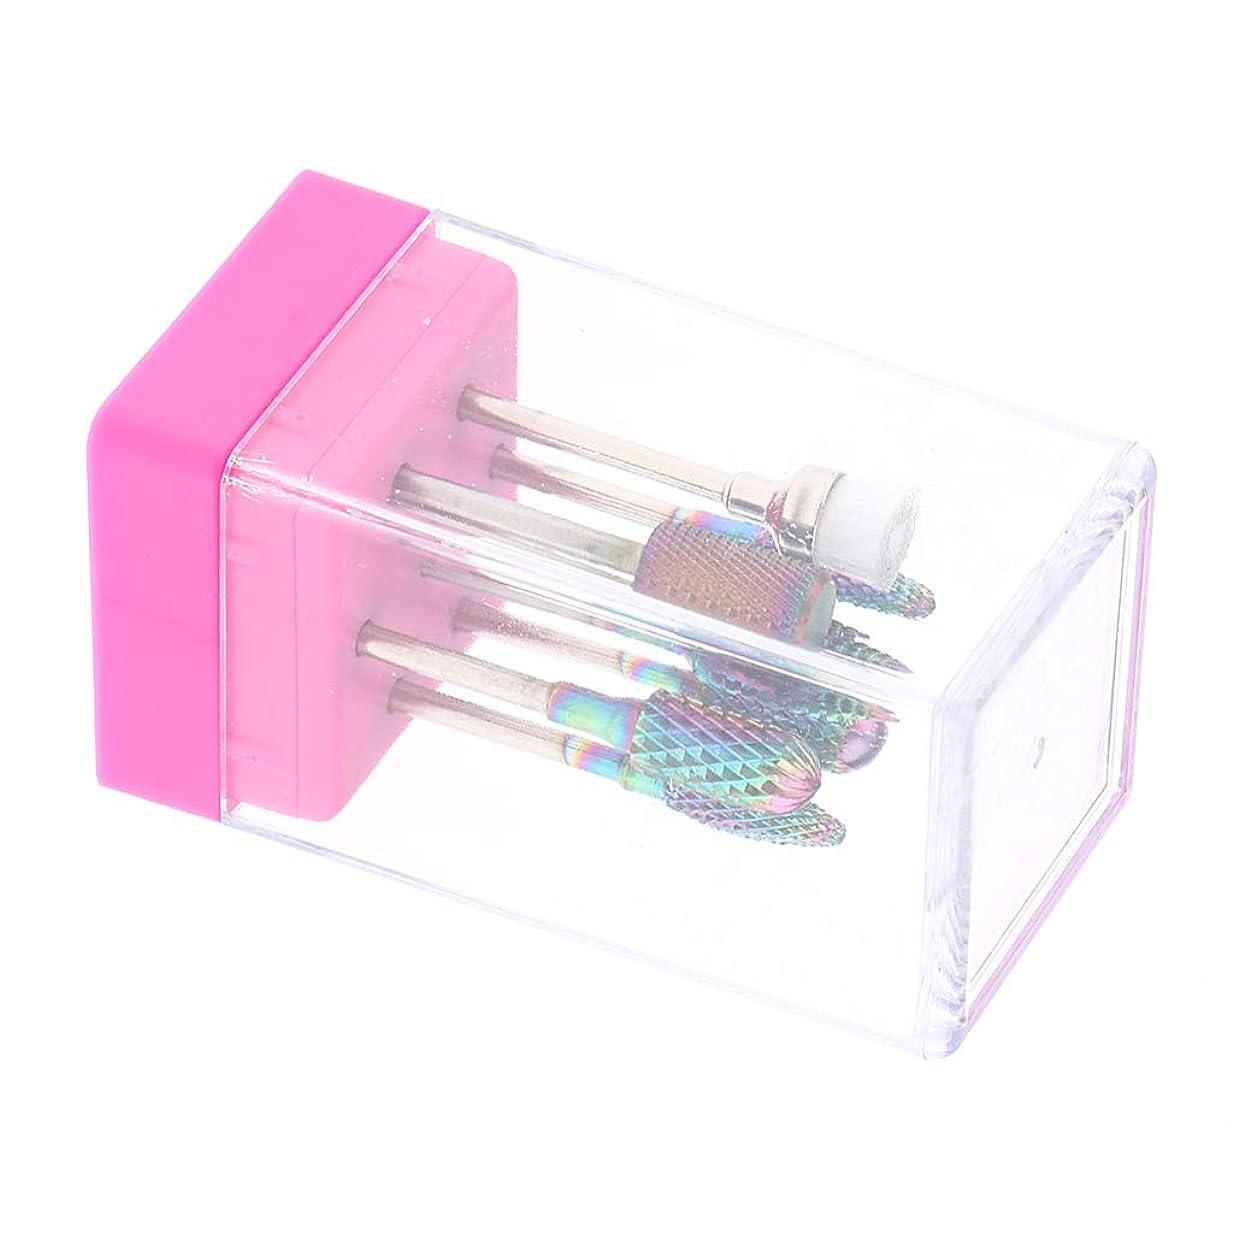 抹消待って生態学Perfeclan ネイルドリルビット 研磨ヘッド マニキュアツール ペディキュア用 爪やすり 全2色 - ピンク